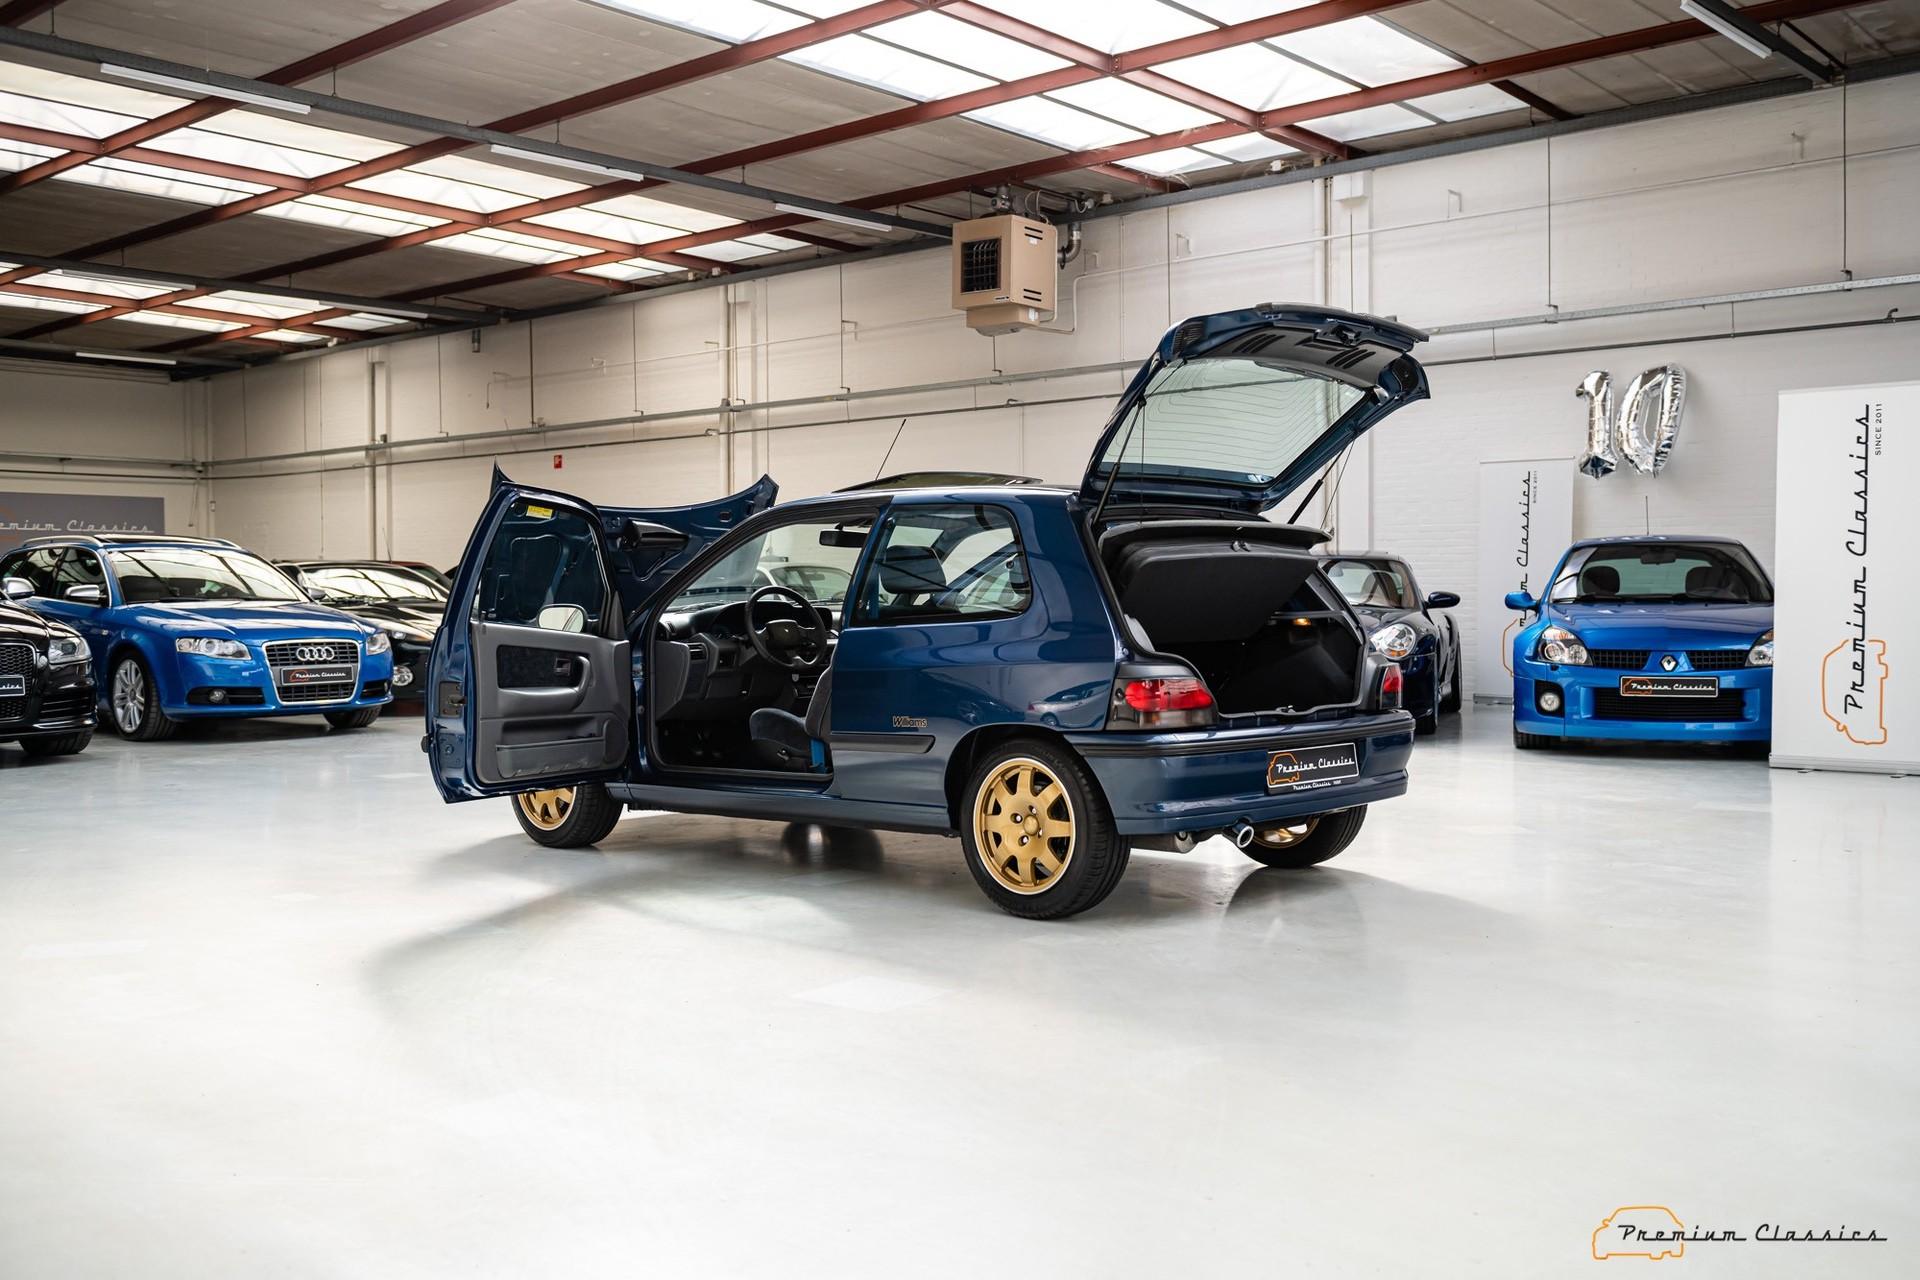 Renault_Clio_Williams_sale-0016